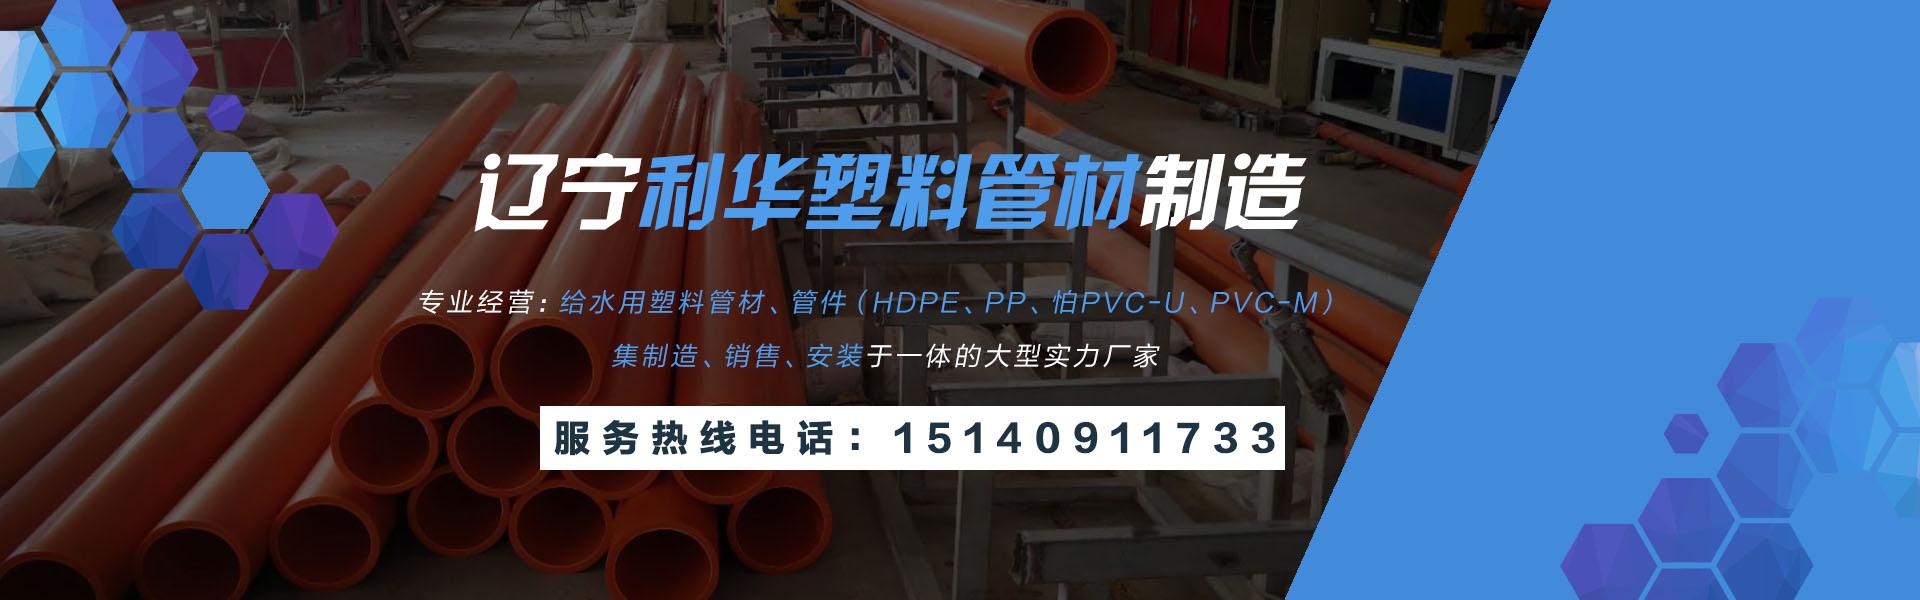 沈阳PVC排水管 辽宁PVC电力管 沈阳PE给水管 辽宁MPP管厂家 沈阳PVC排水管厂家